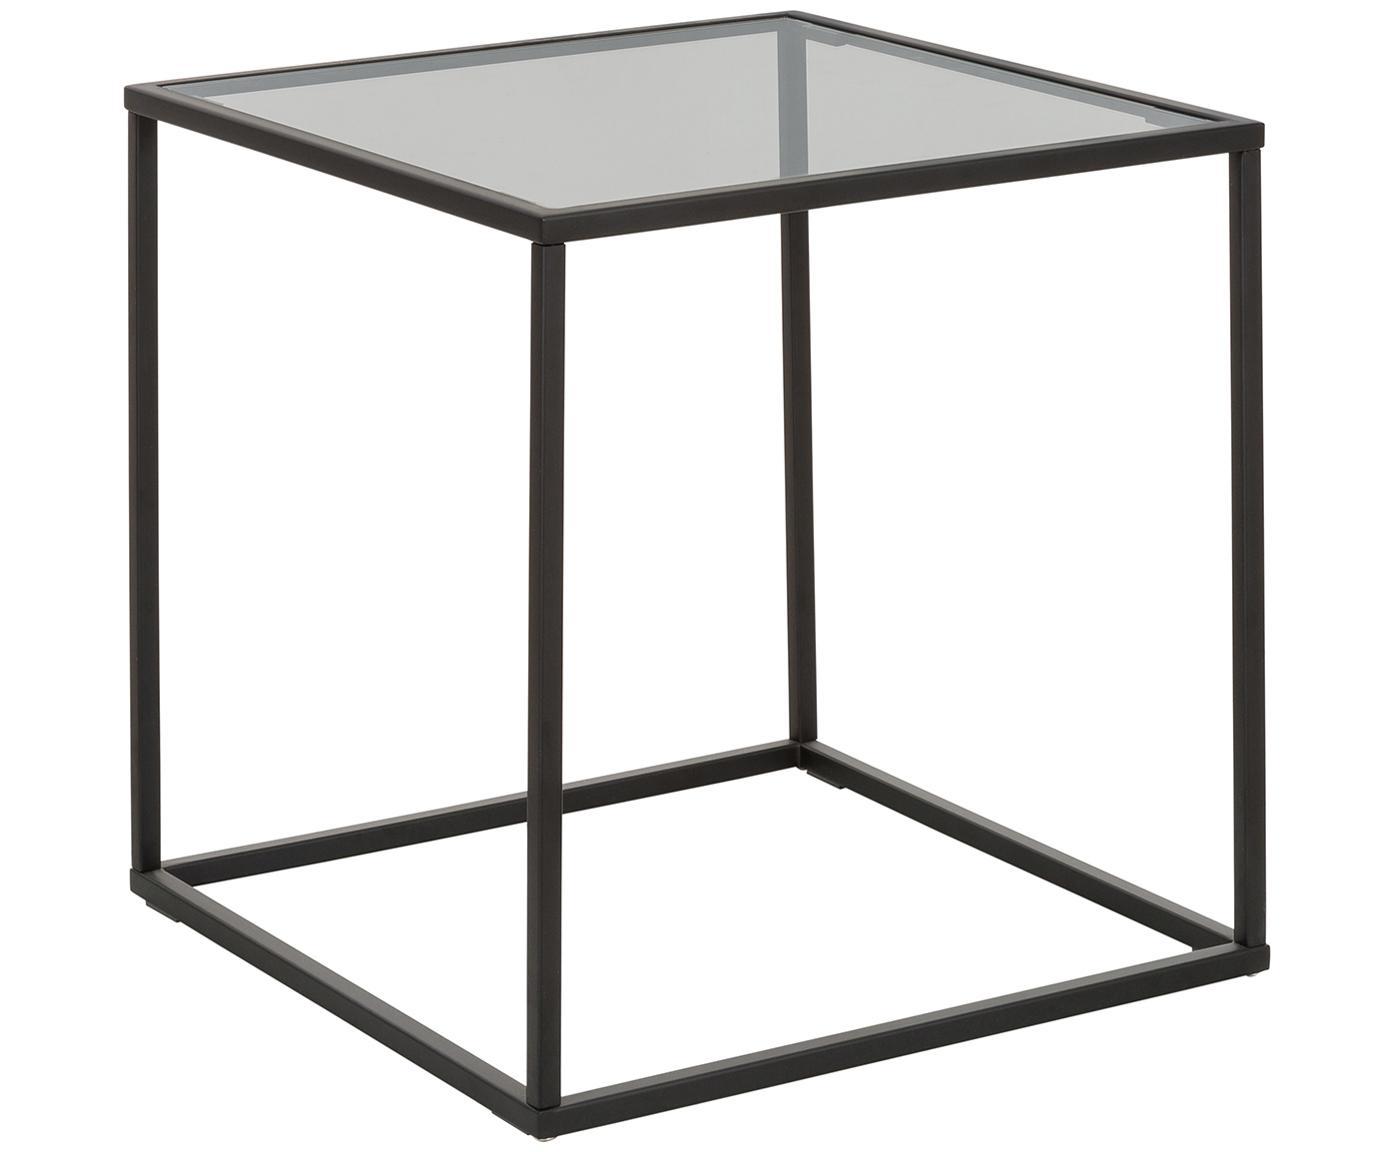 Stolik pomocniczy ze szklanym blatem Maya, Blat: szkło hartowane, Stelaż: metal malowany proszkowo, Blat: szkło, czarny barwiony Stelaż: czarny, matowy, S 45 x W 50 cm